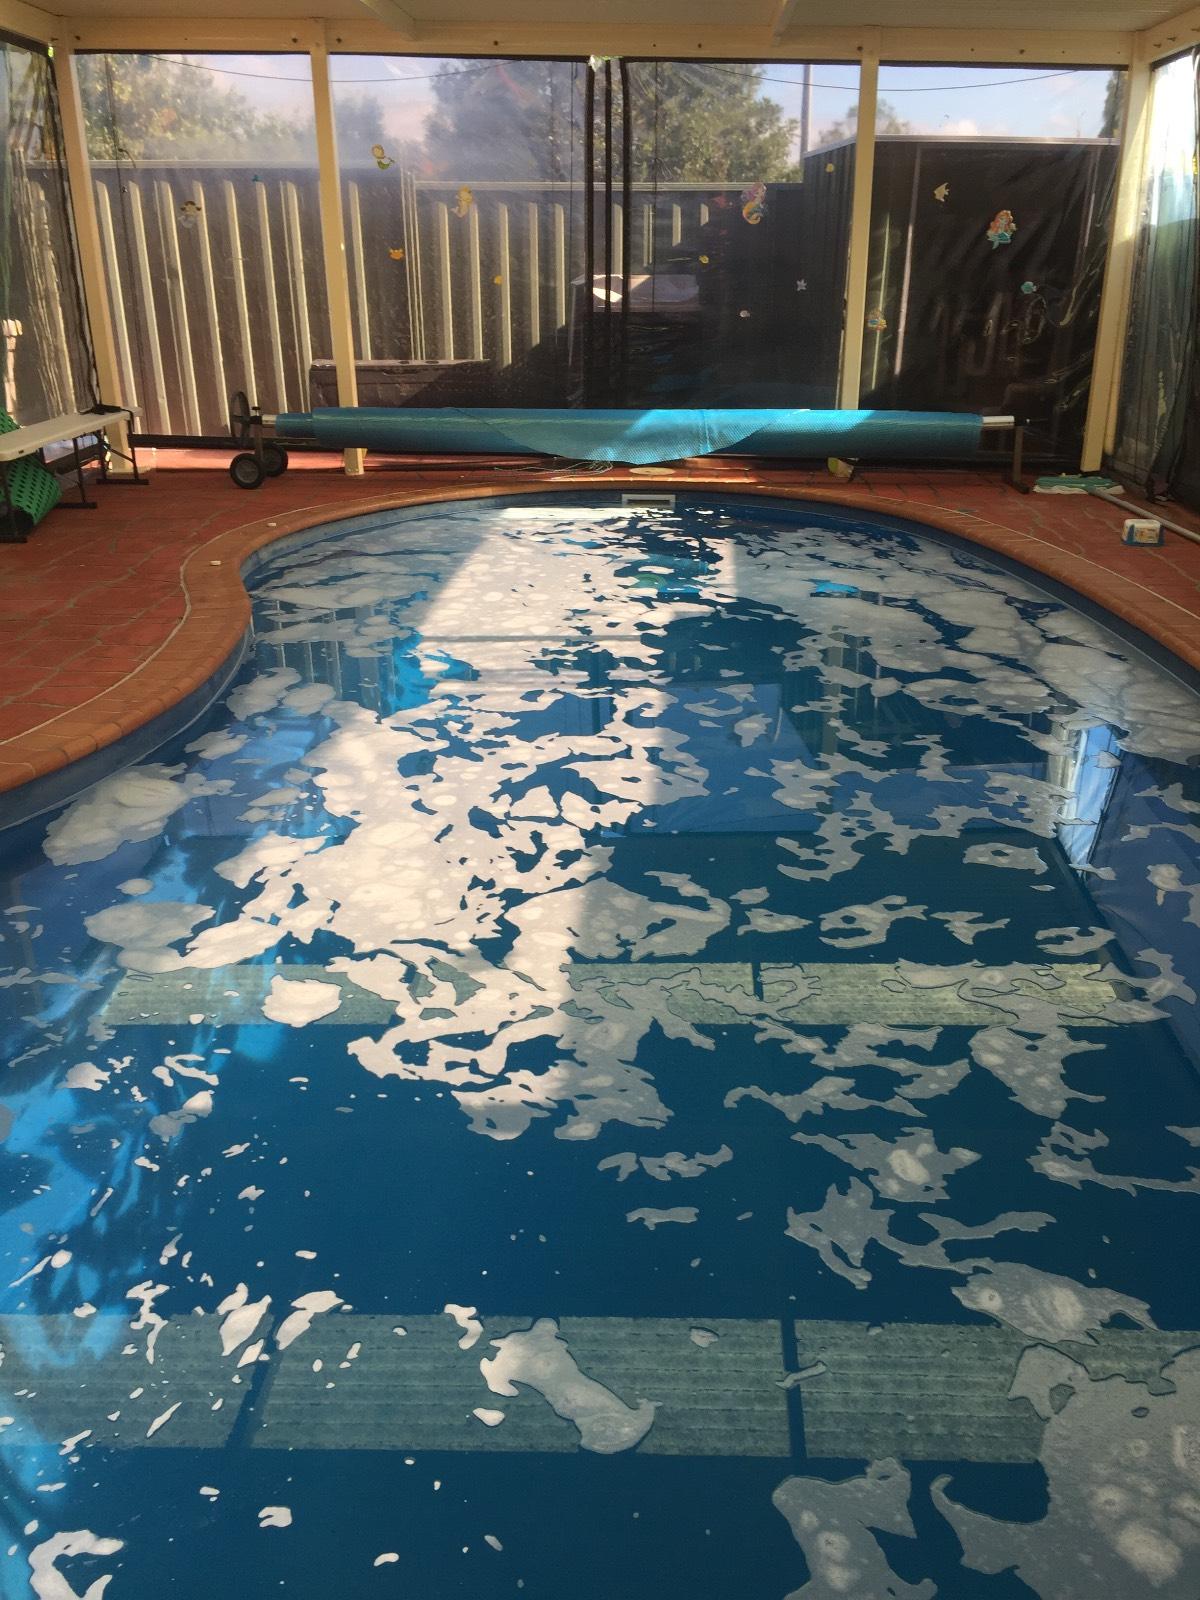 Foam in pool